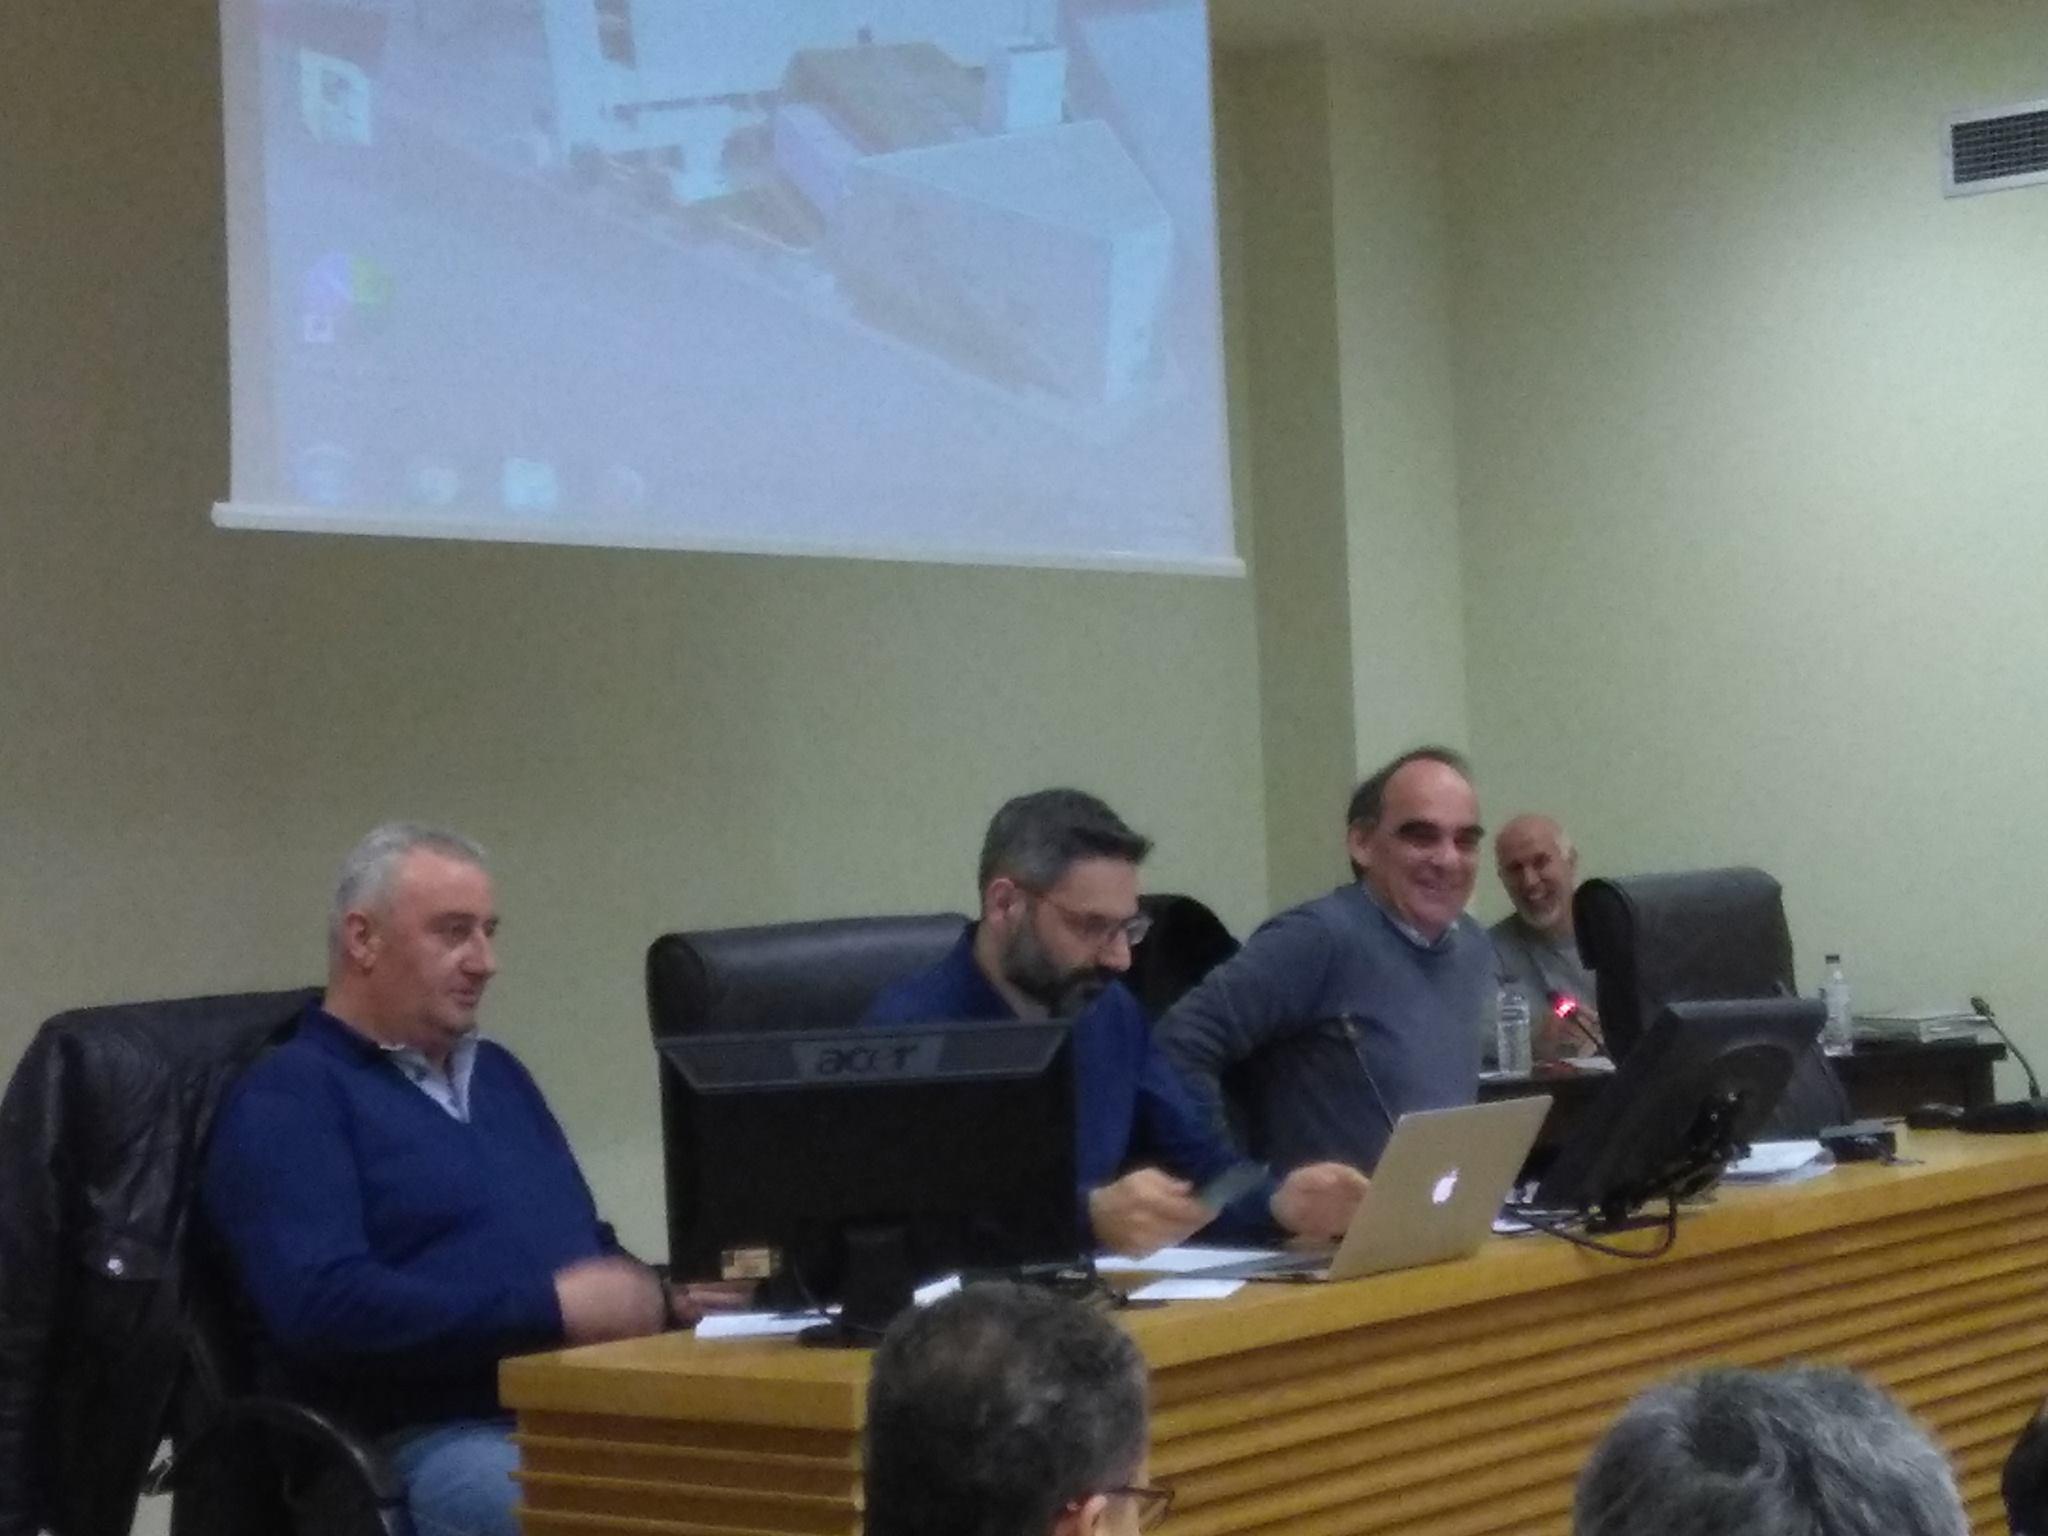 """Δημοτικό συμβούλιο Κοζάνης, με πρώτο θέμα """"Συζήτηση για τις εξελίξεις στη ΔΕΗ"""", την Τετάρτη 5/4"""